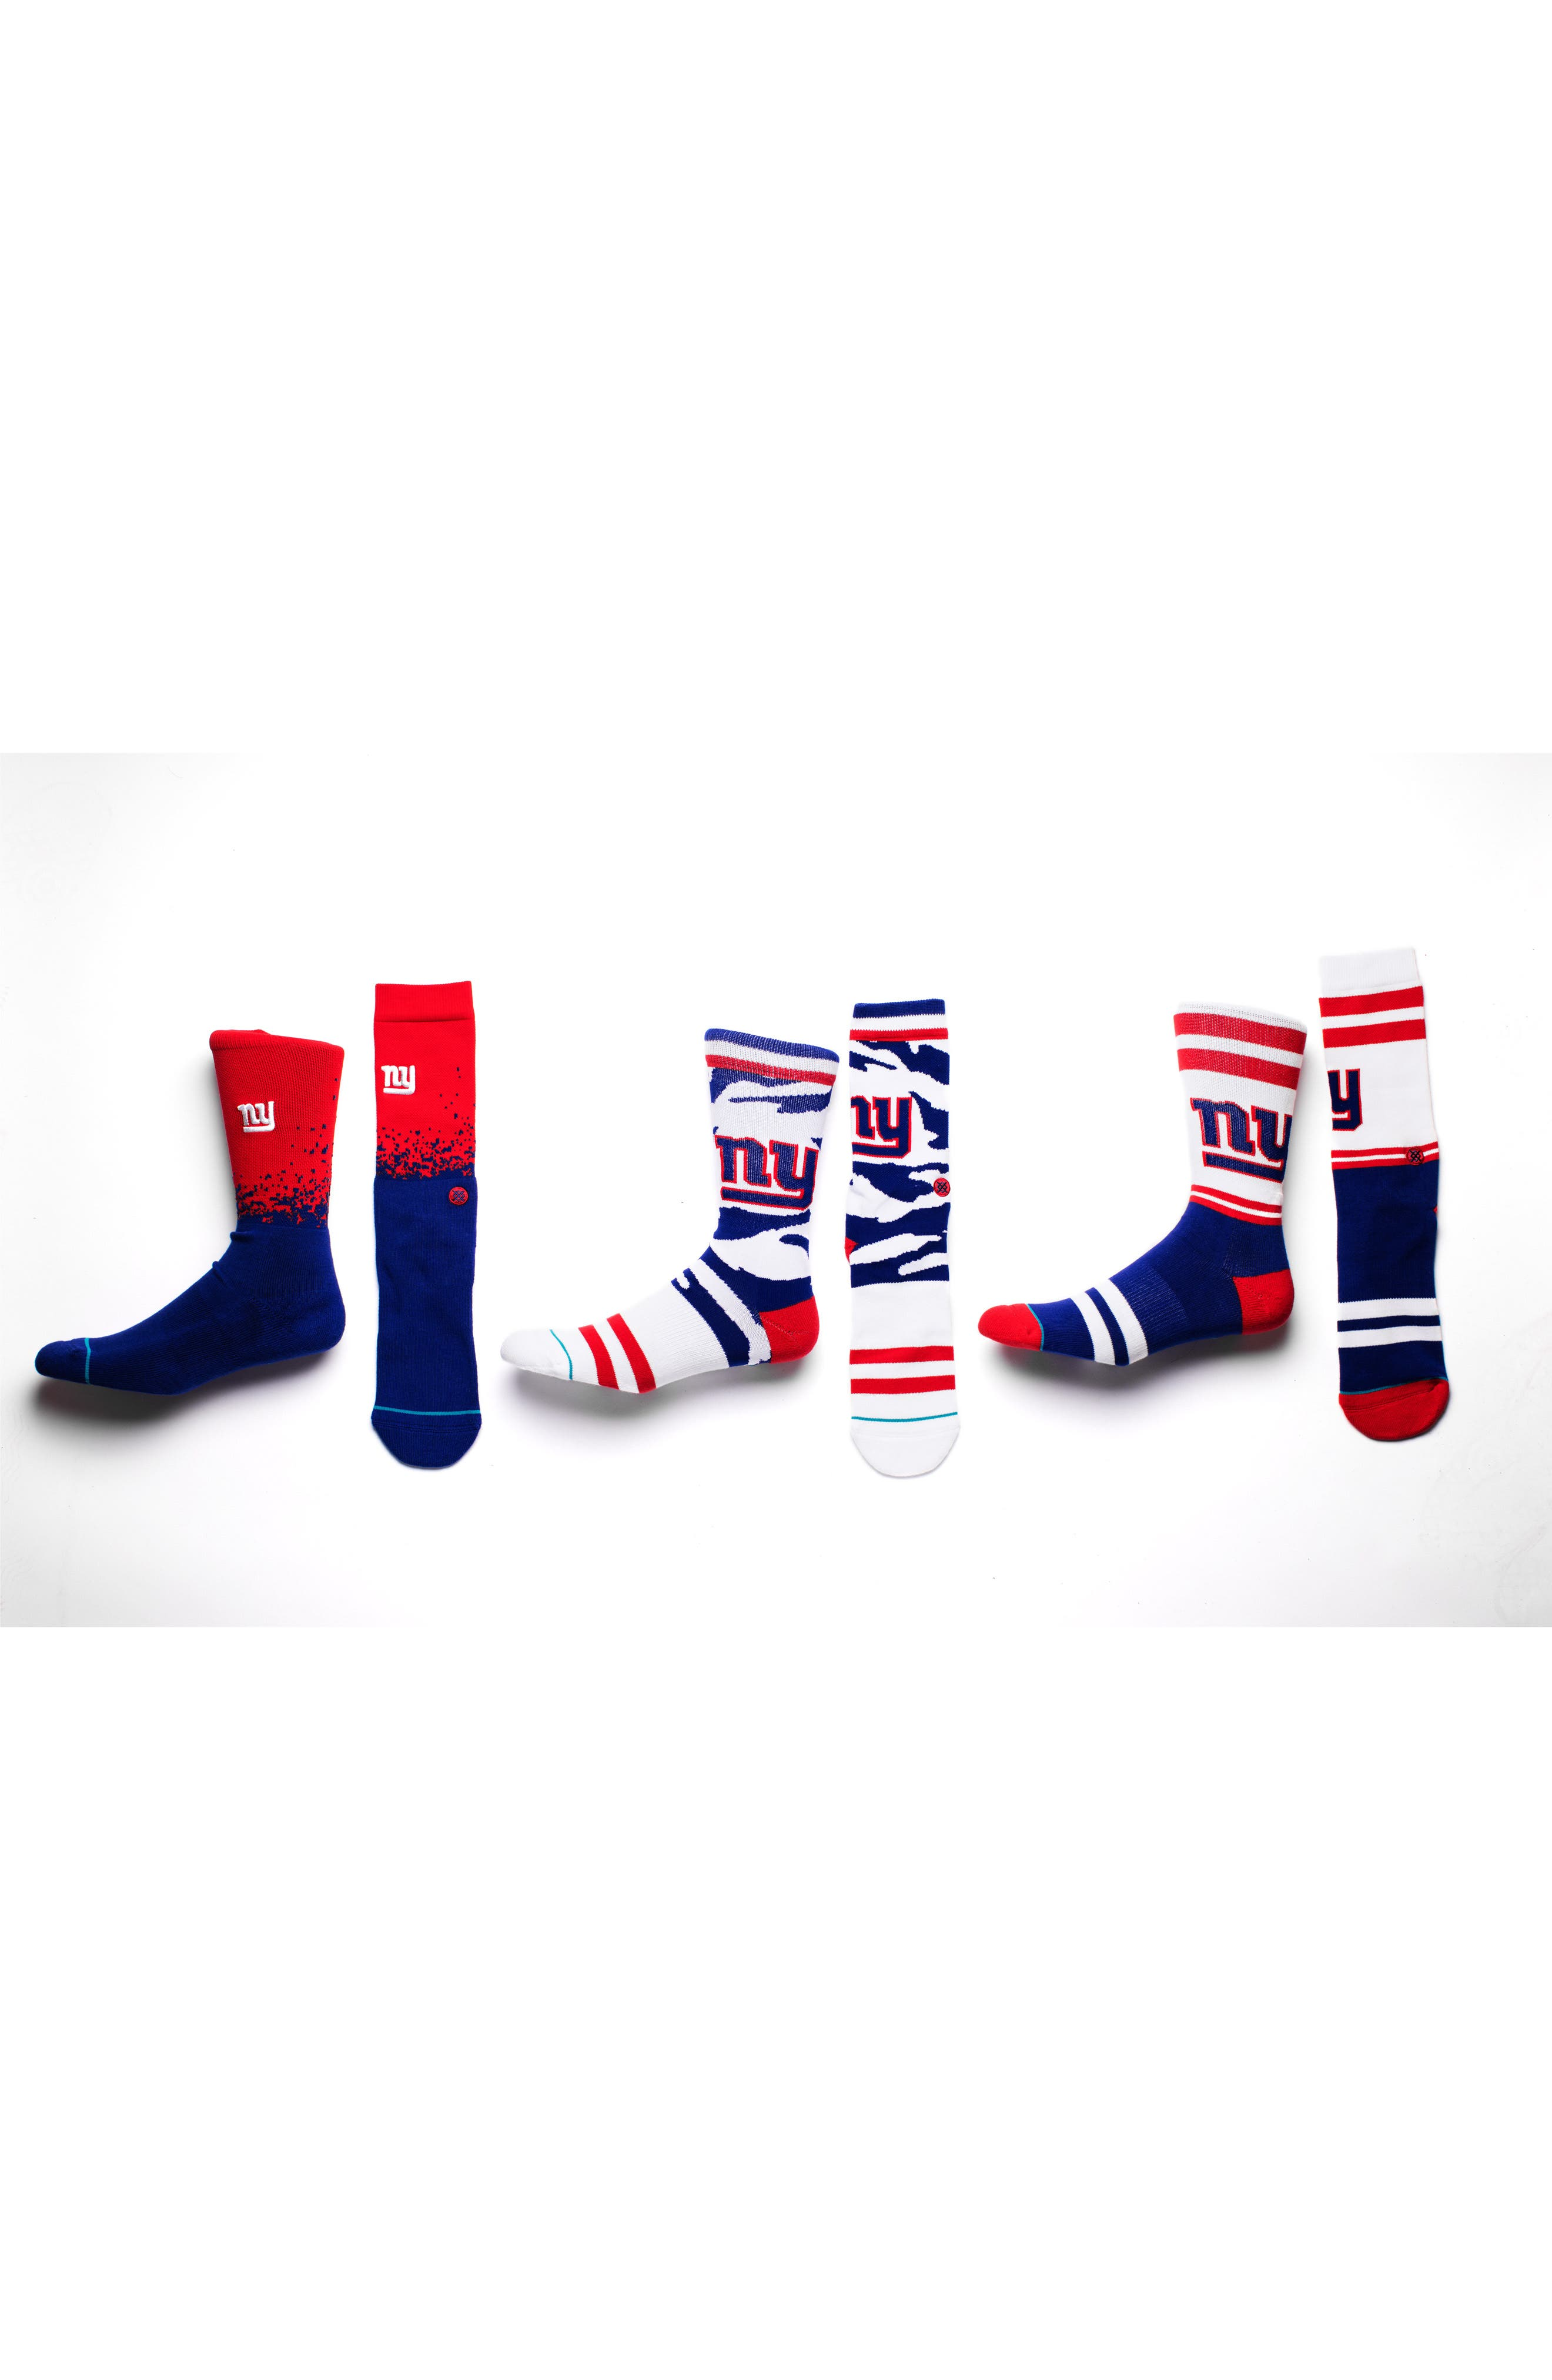 New York Giants - Fade Socks,                             Alternate thumbnail 6, color,                             400